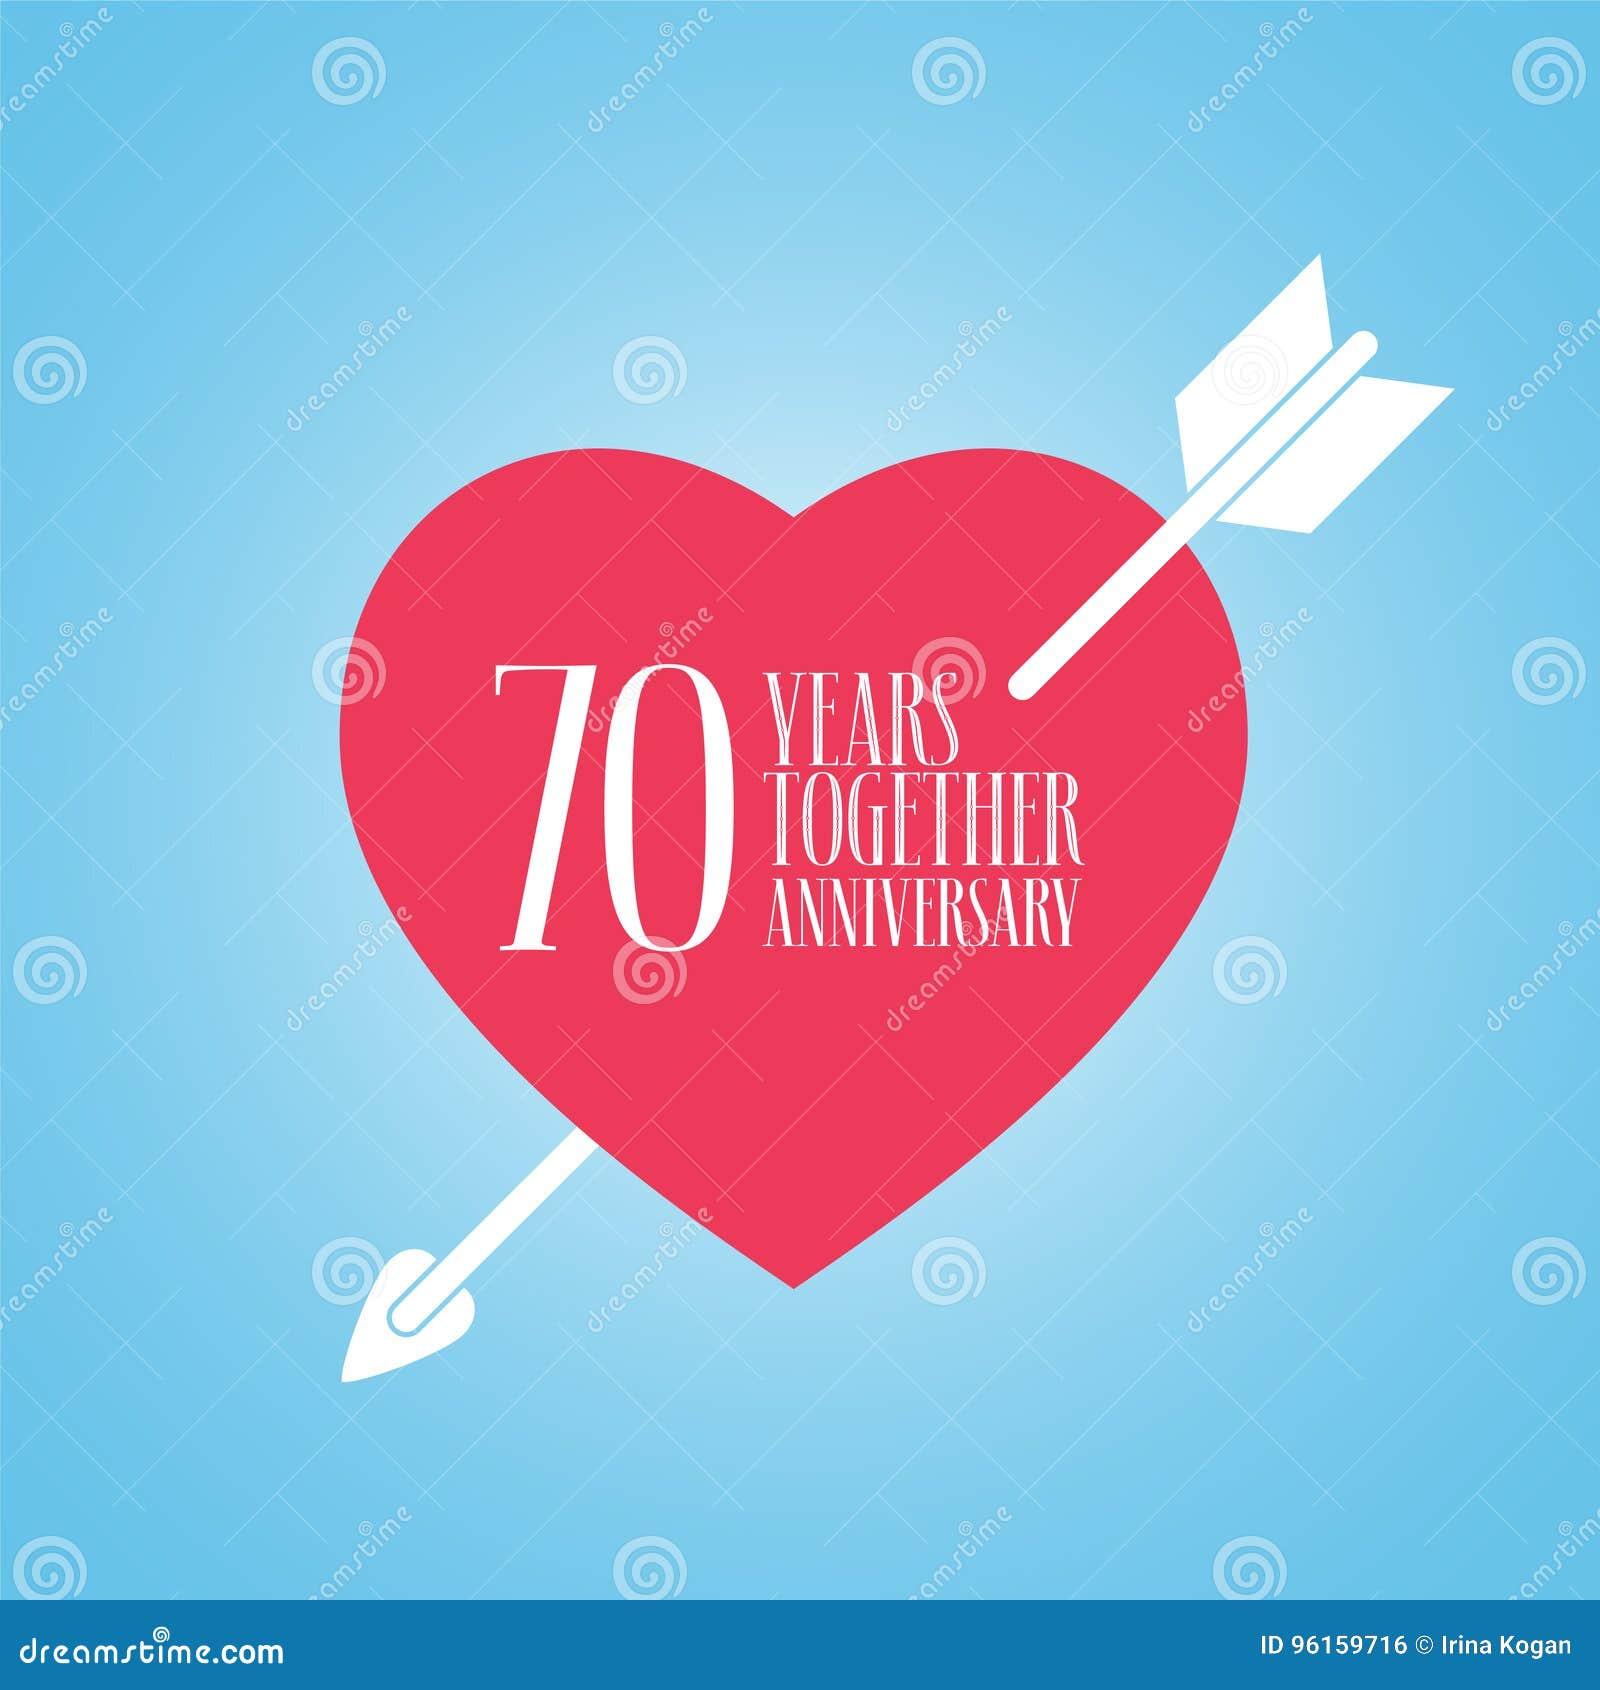 70 Anniversario Di Matrimonio.70 Anni Di Anniversario Dell Icona Di Matrimonio O Di Nozze